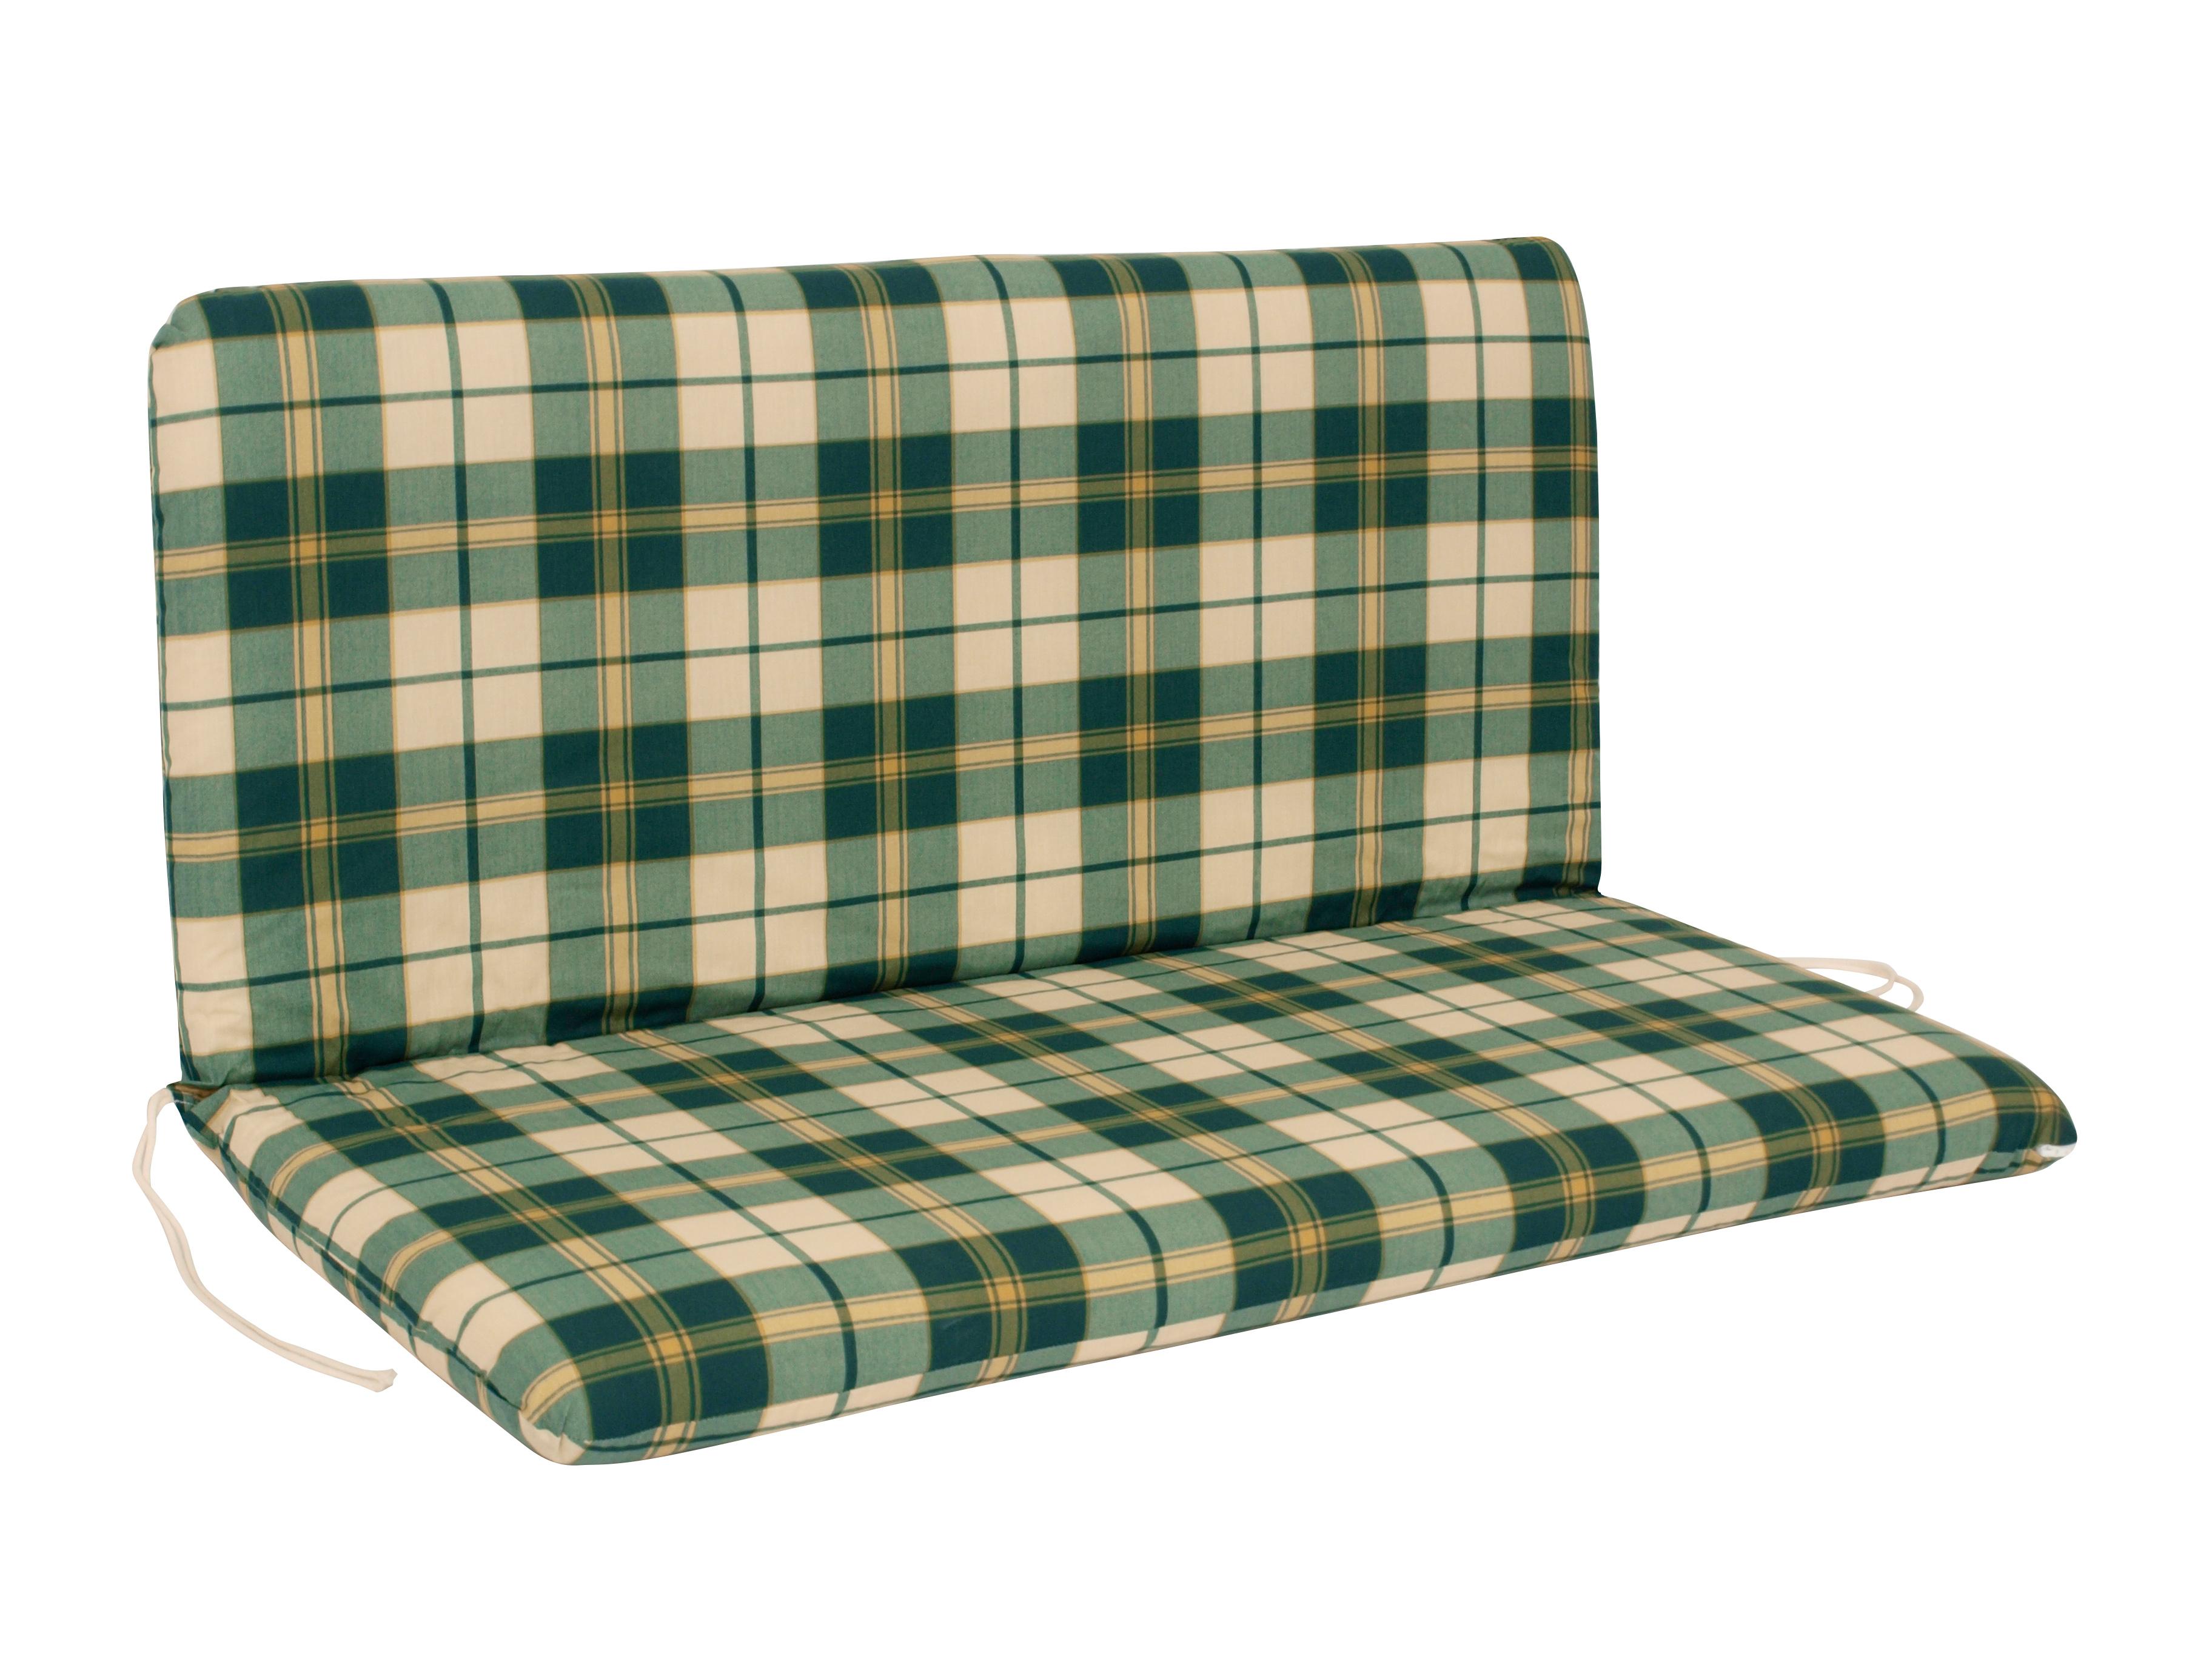 Balkonmobel Holz Gebraucht : Bankauflage Bankpolster Sitzpolster Auflage BOSTON für Bank 2sitzer